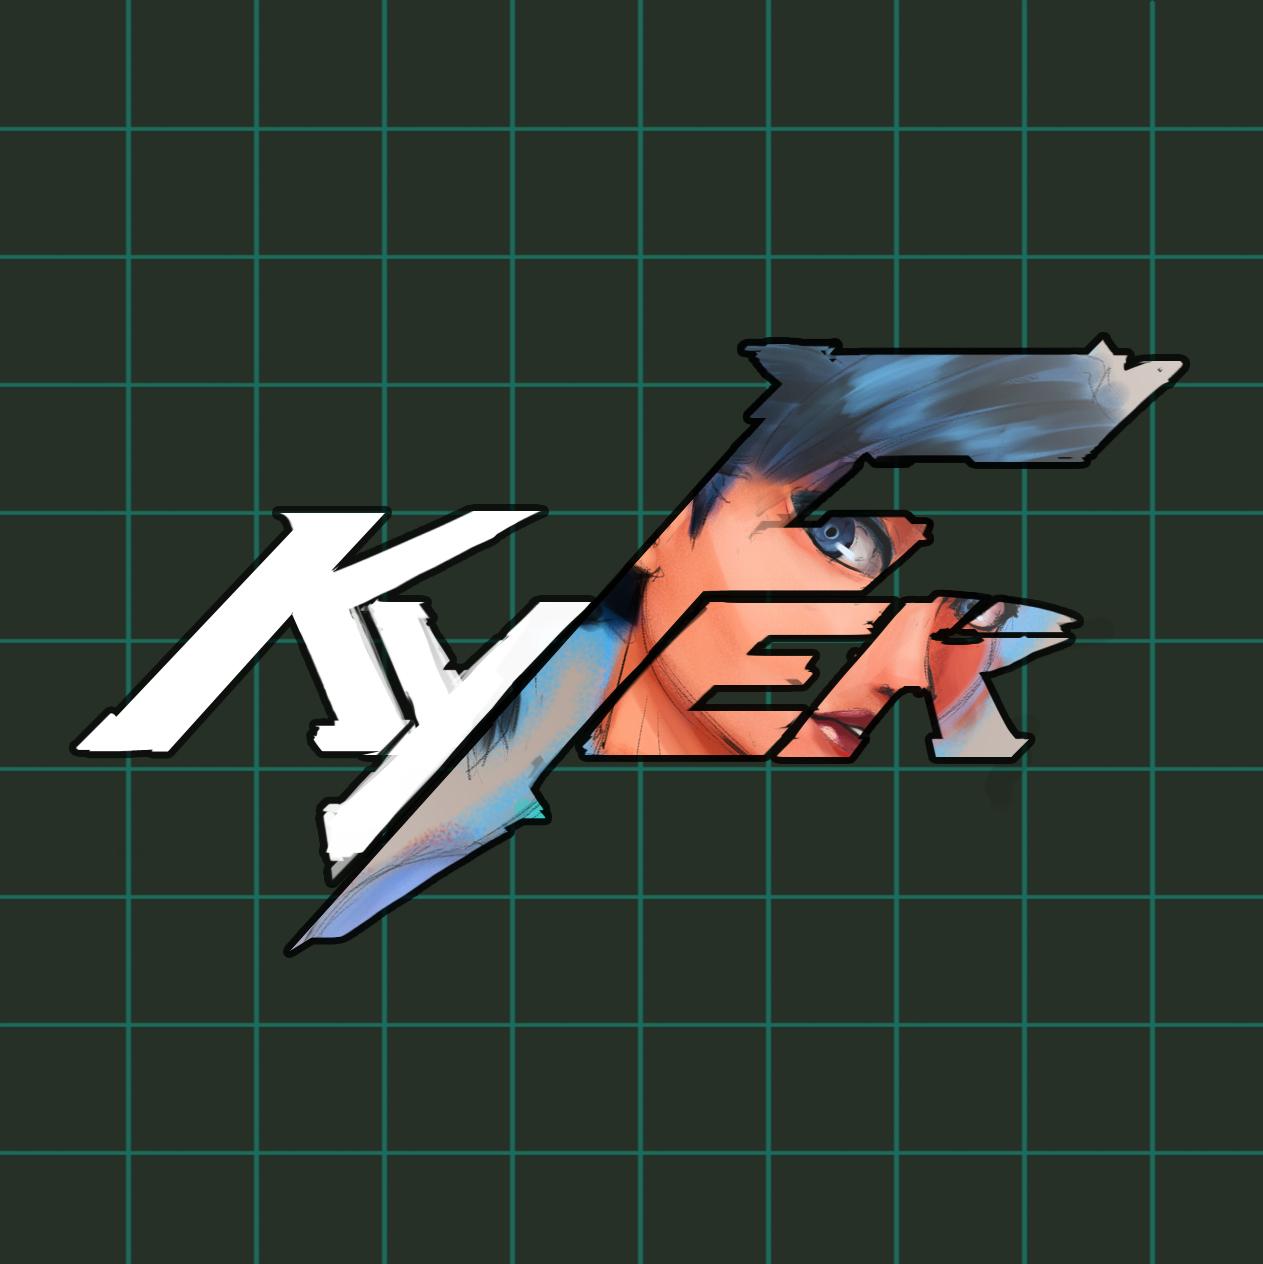 Logov2 maya